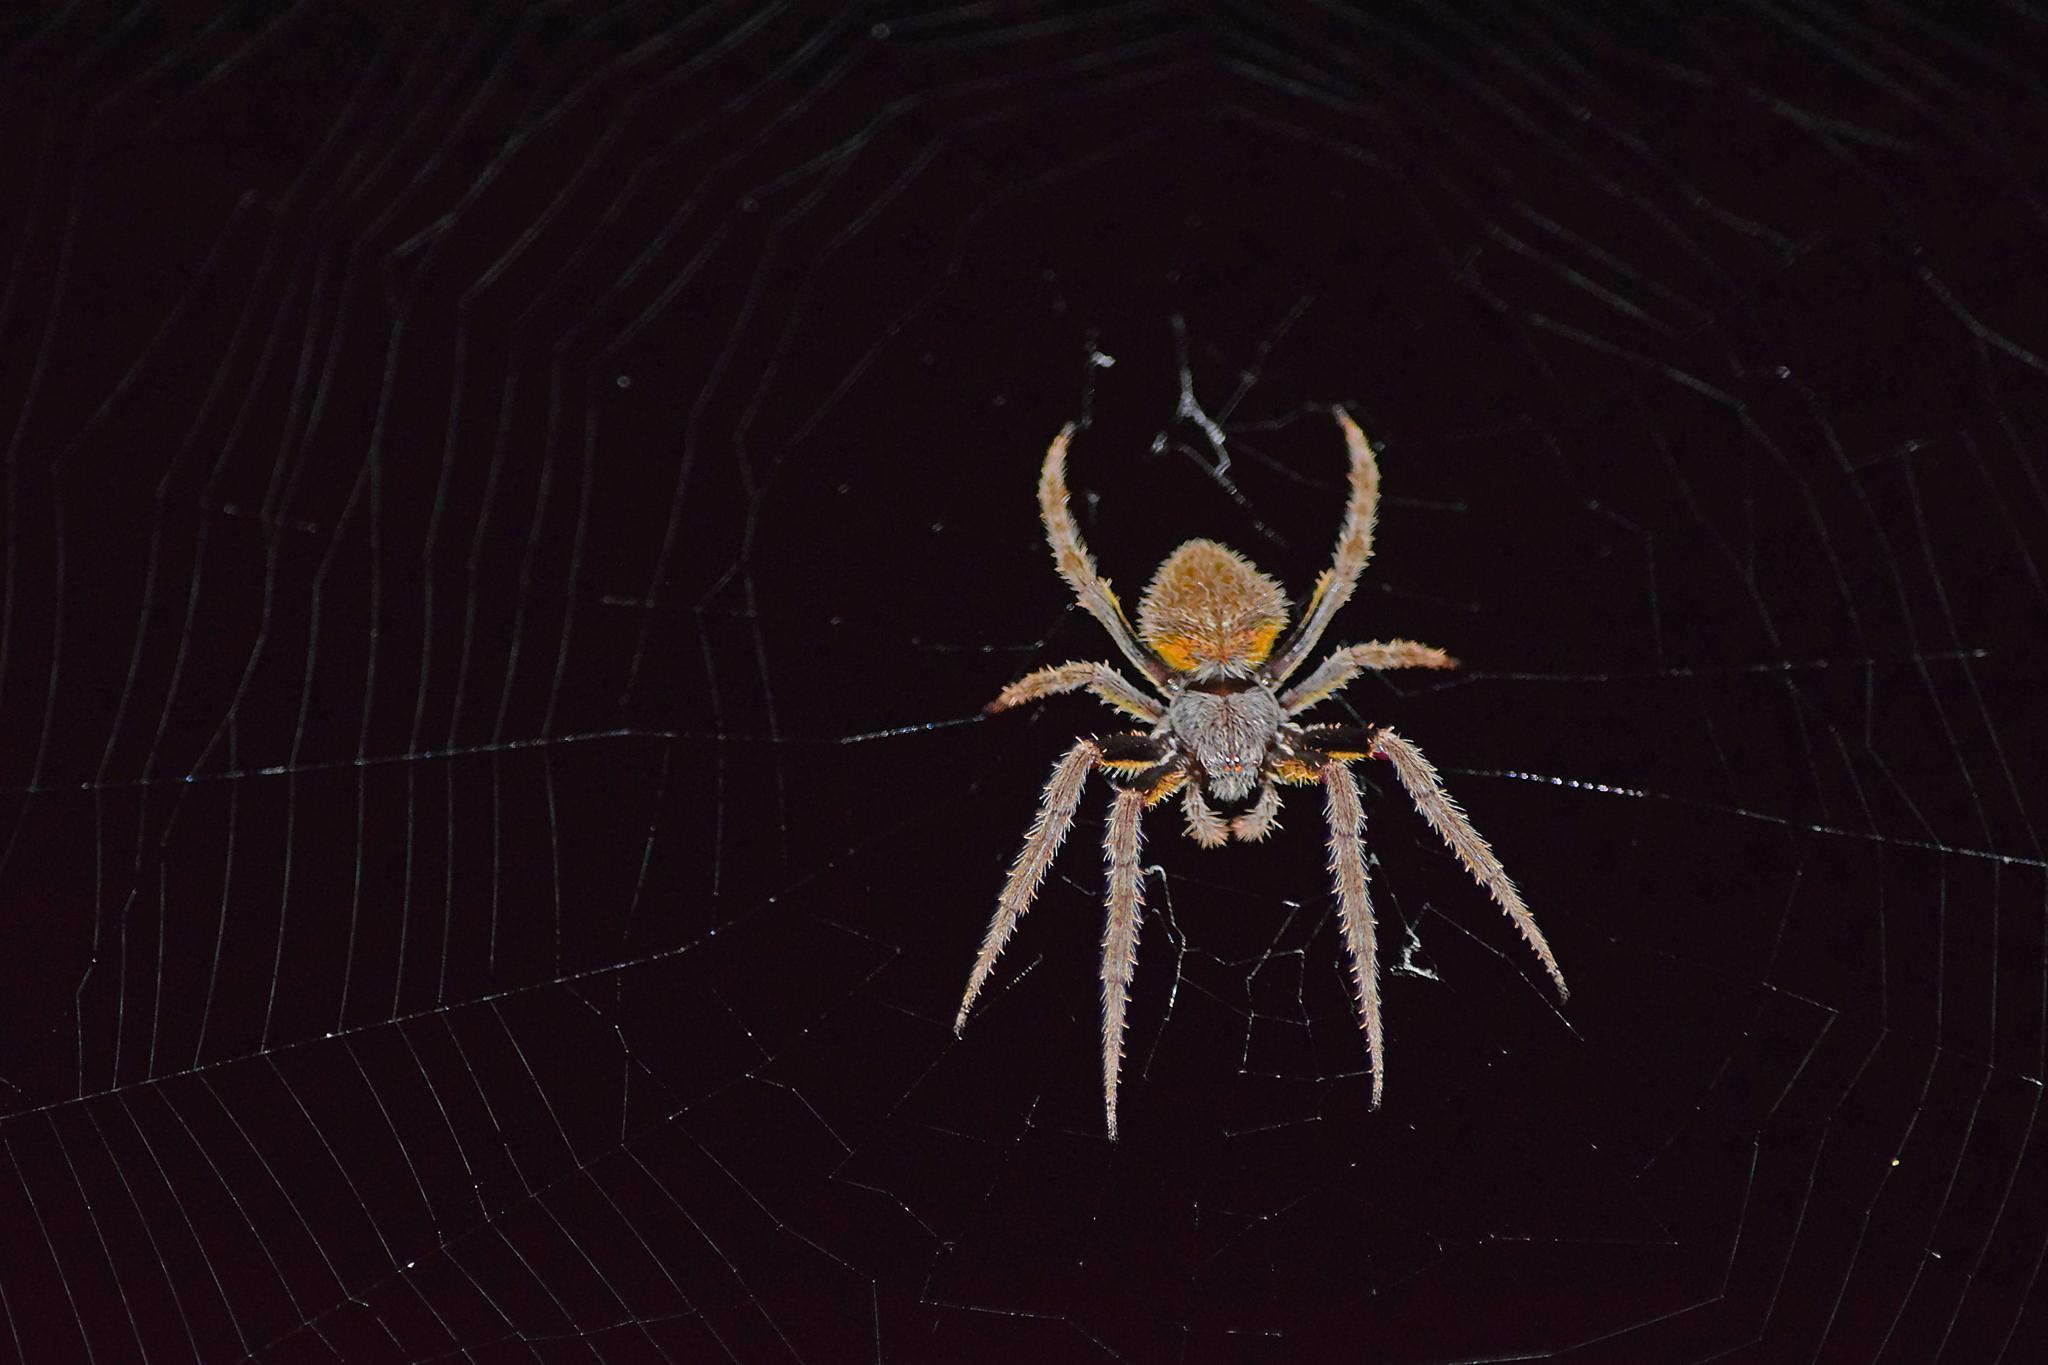 Wolf Spider (Nocturnal) by Sophia von Wrangell